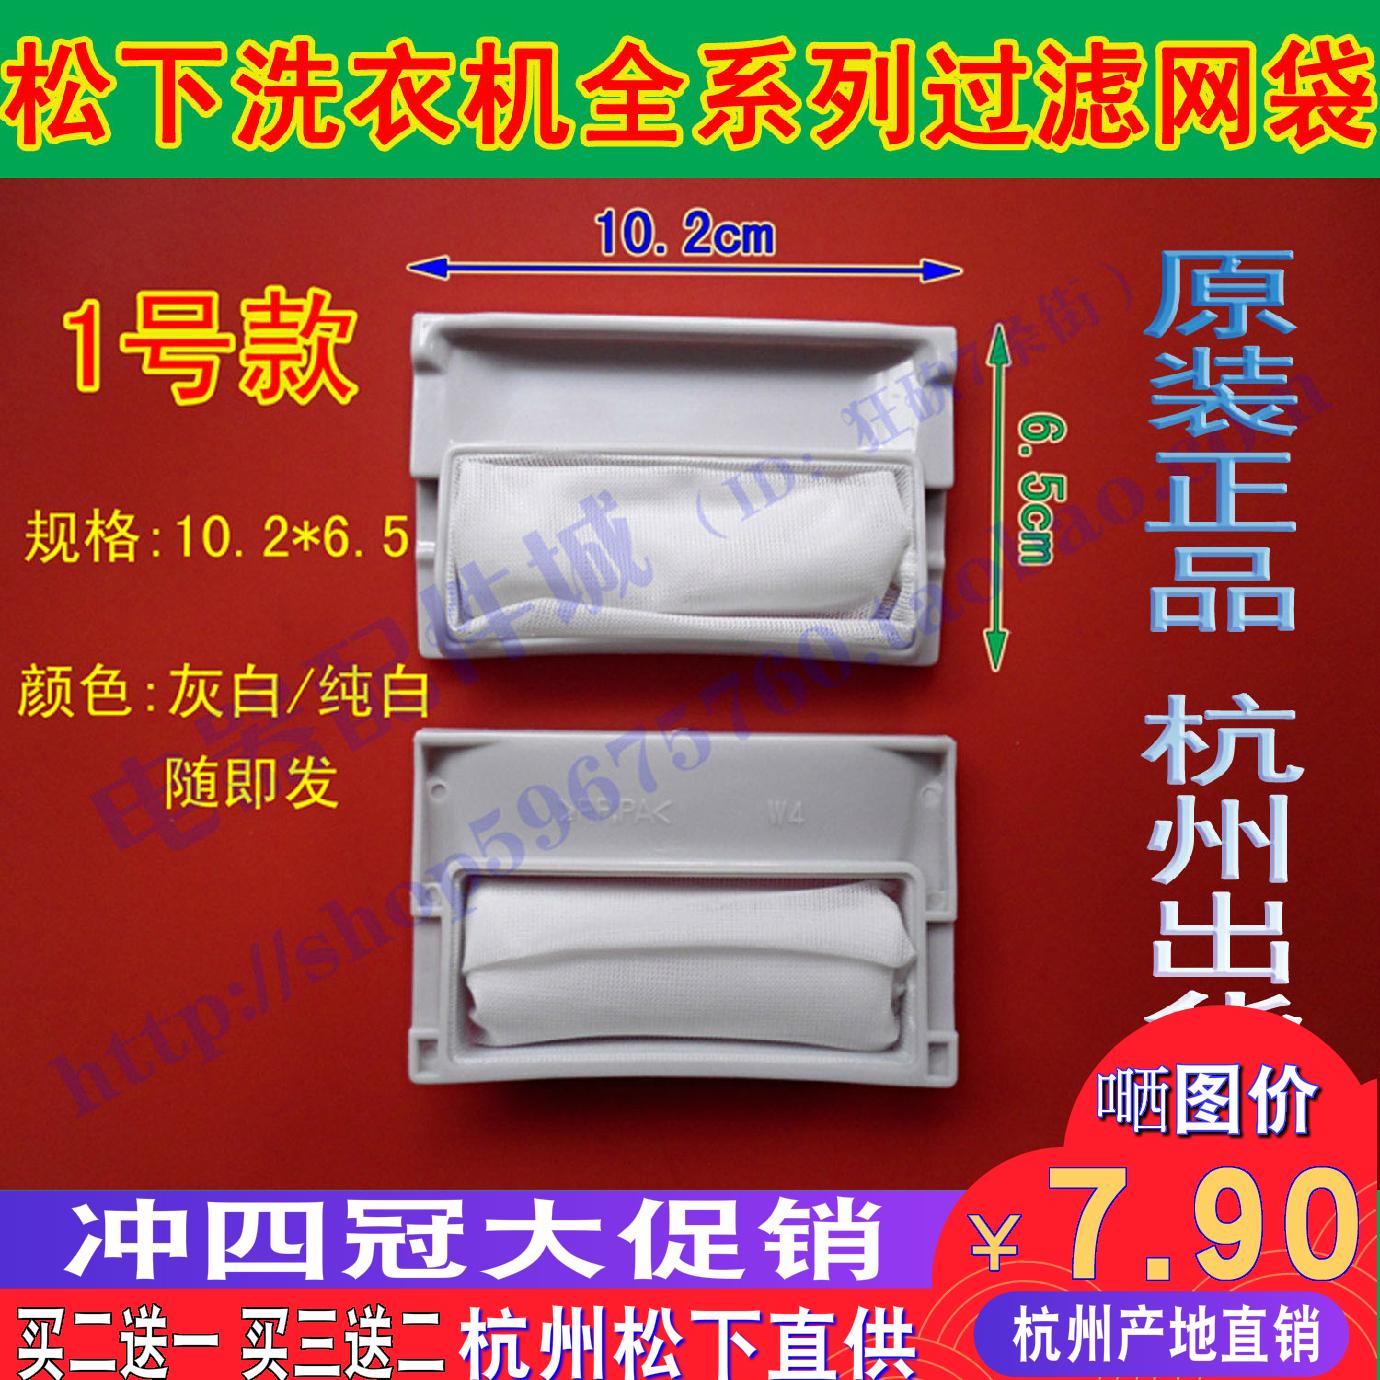 松下洗衣机过滤网袋XQB45-P450U/8430/8441/8450/8440/8460垃圾袋